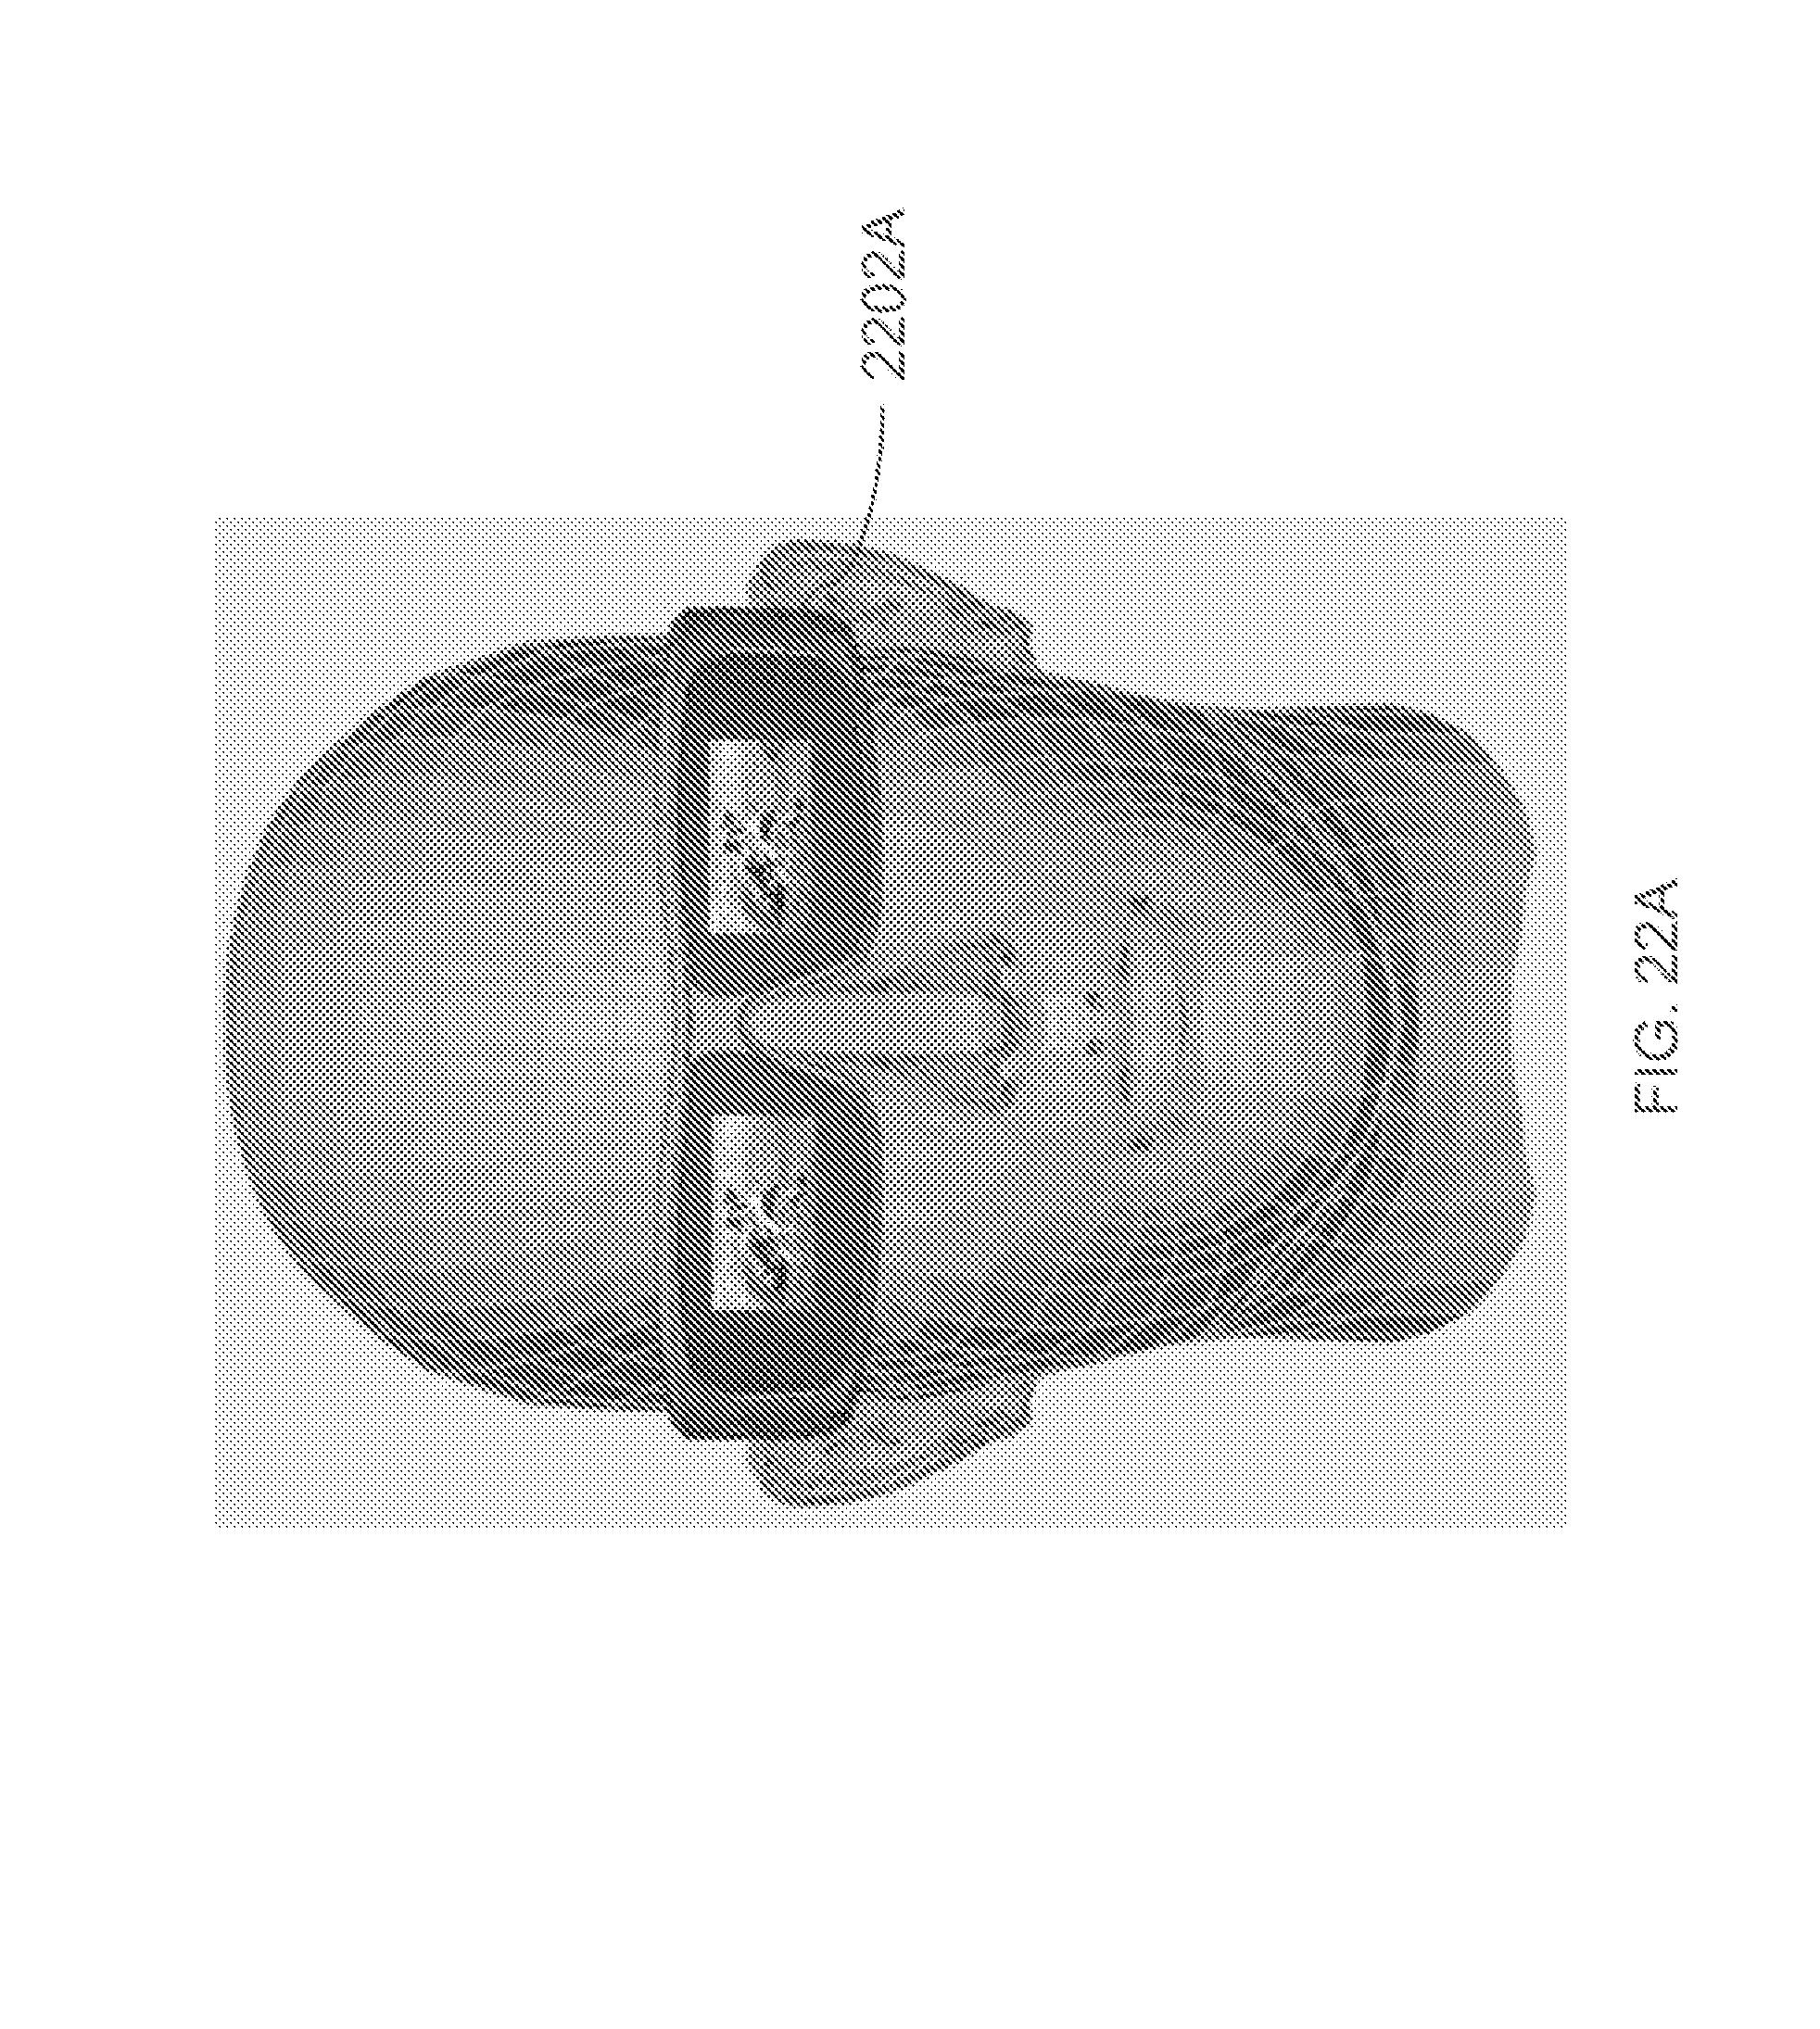 Patent Us 8482859 B2 Mitsubishi Hd 1080 Wiring Diagram Images